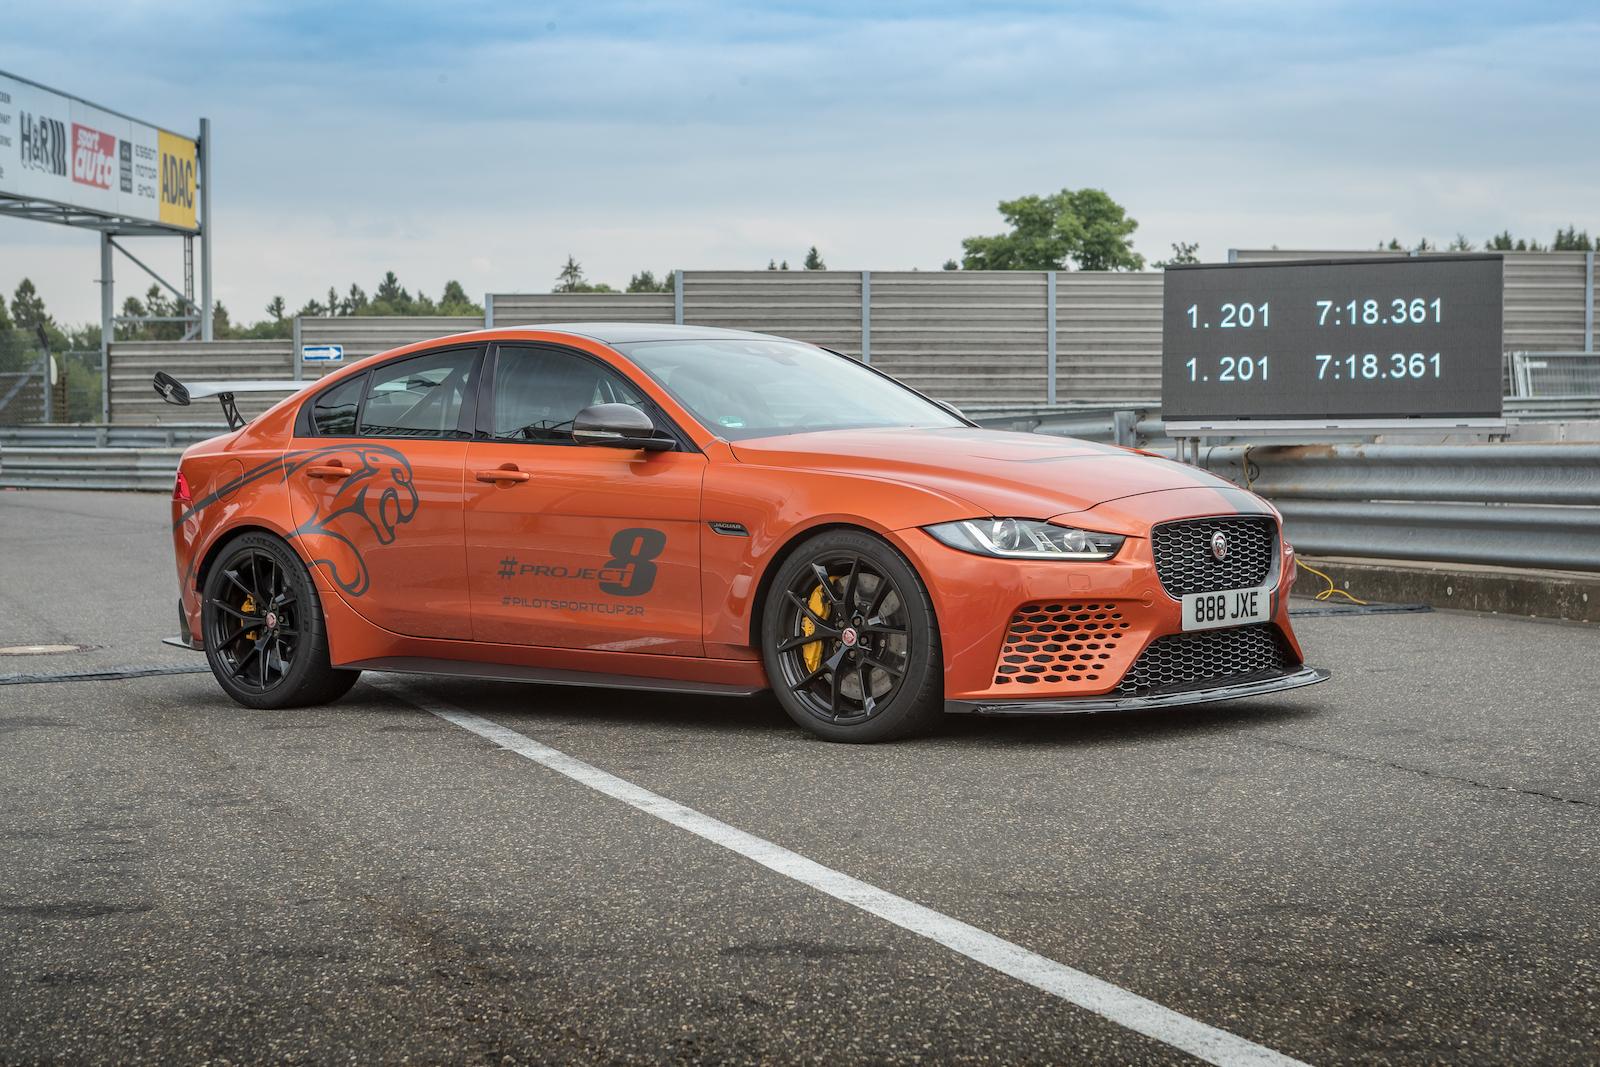 Jaguar Xe Sv Project 8 Mit Track Pack Neue Nordschleifen Rekordzeit Fur Die Offizielle 20 832 Kilometer Variante Trackdaysport